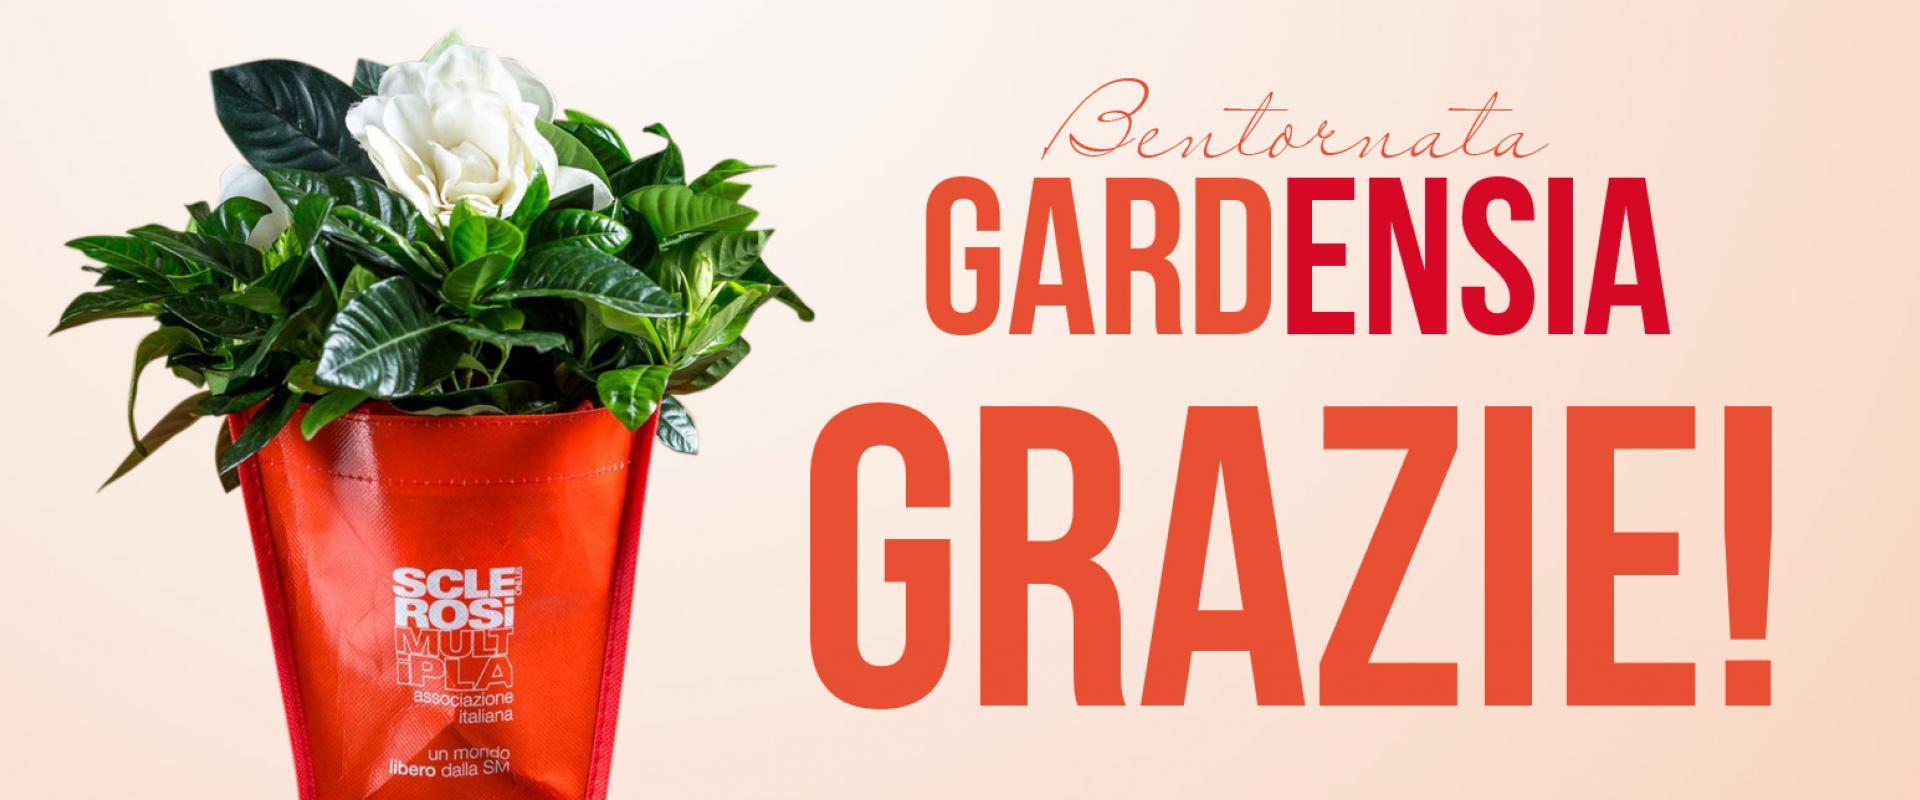 Betornata Gardensia